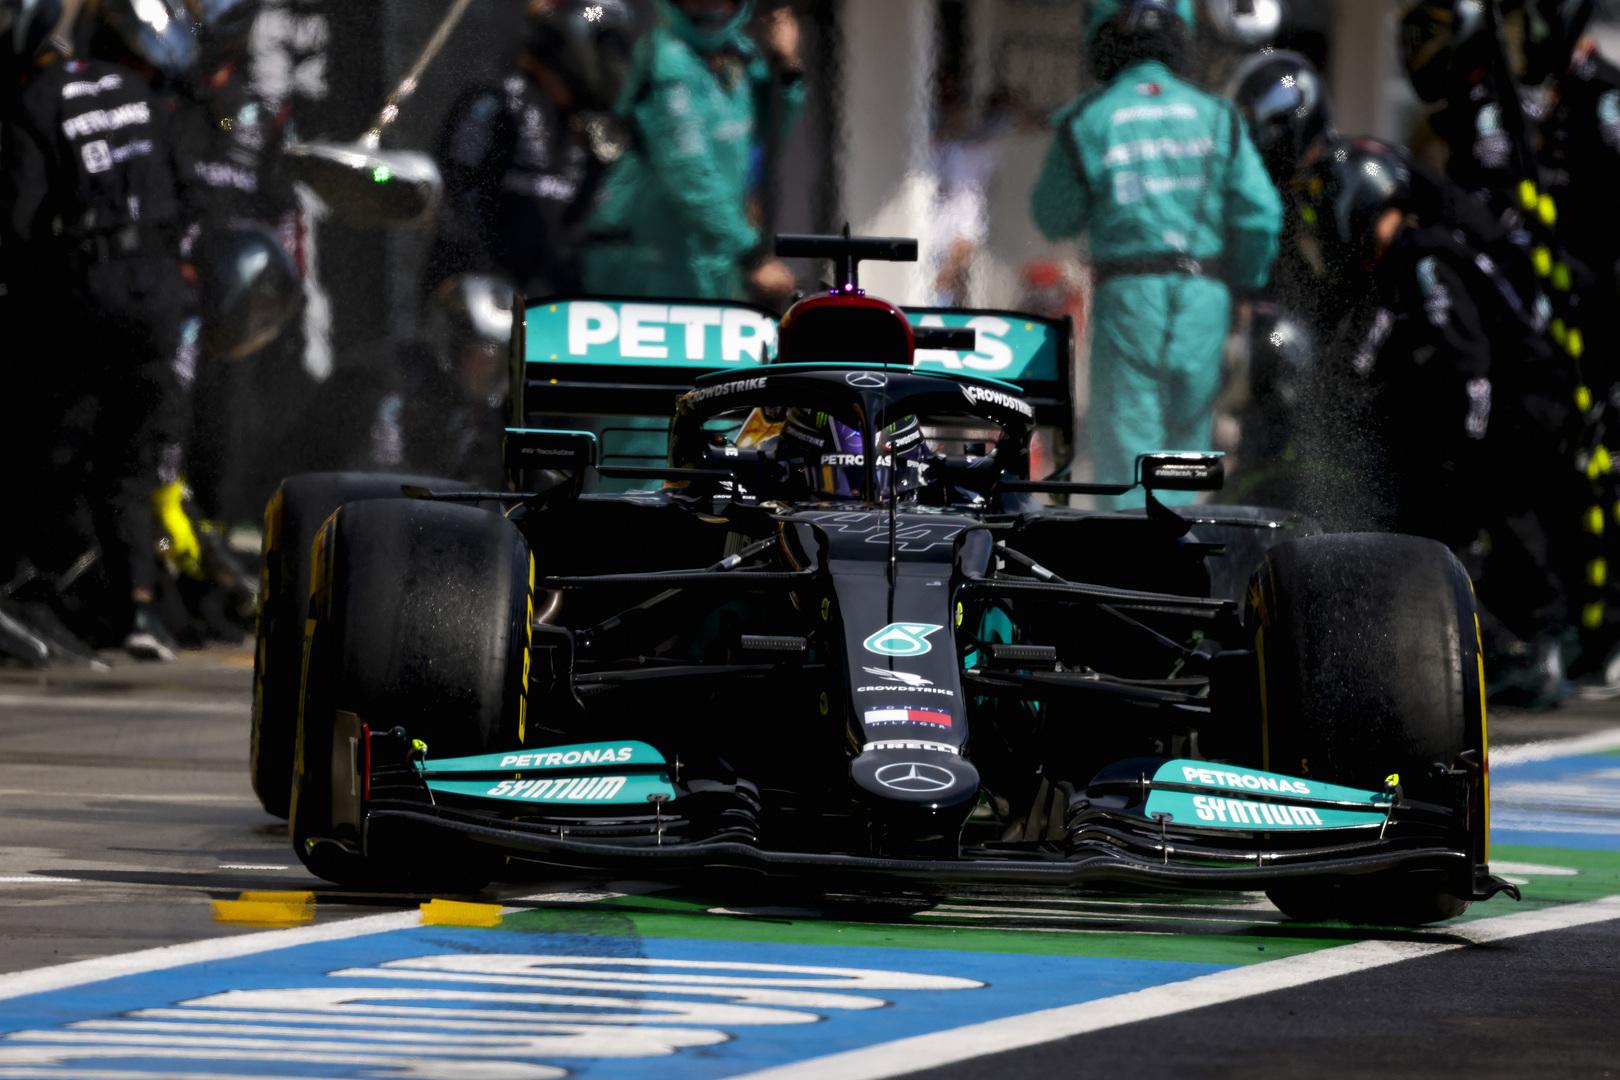 Rusijos GP teisėjai įspėjo pilotus nedaryti taip, kaip pernai darė L. Hamiltonas